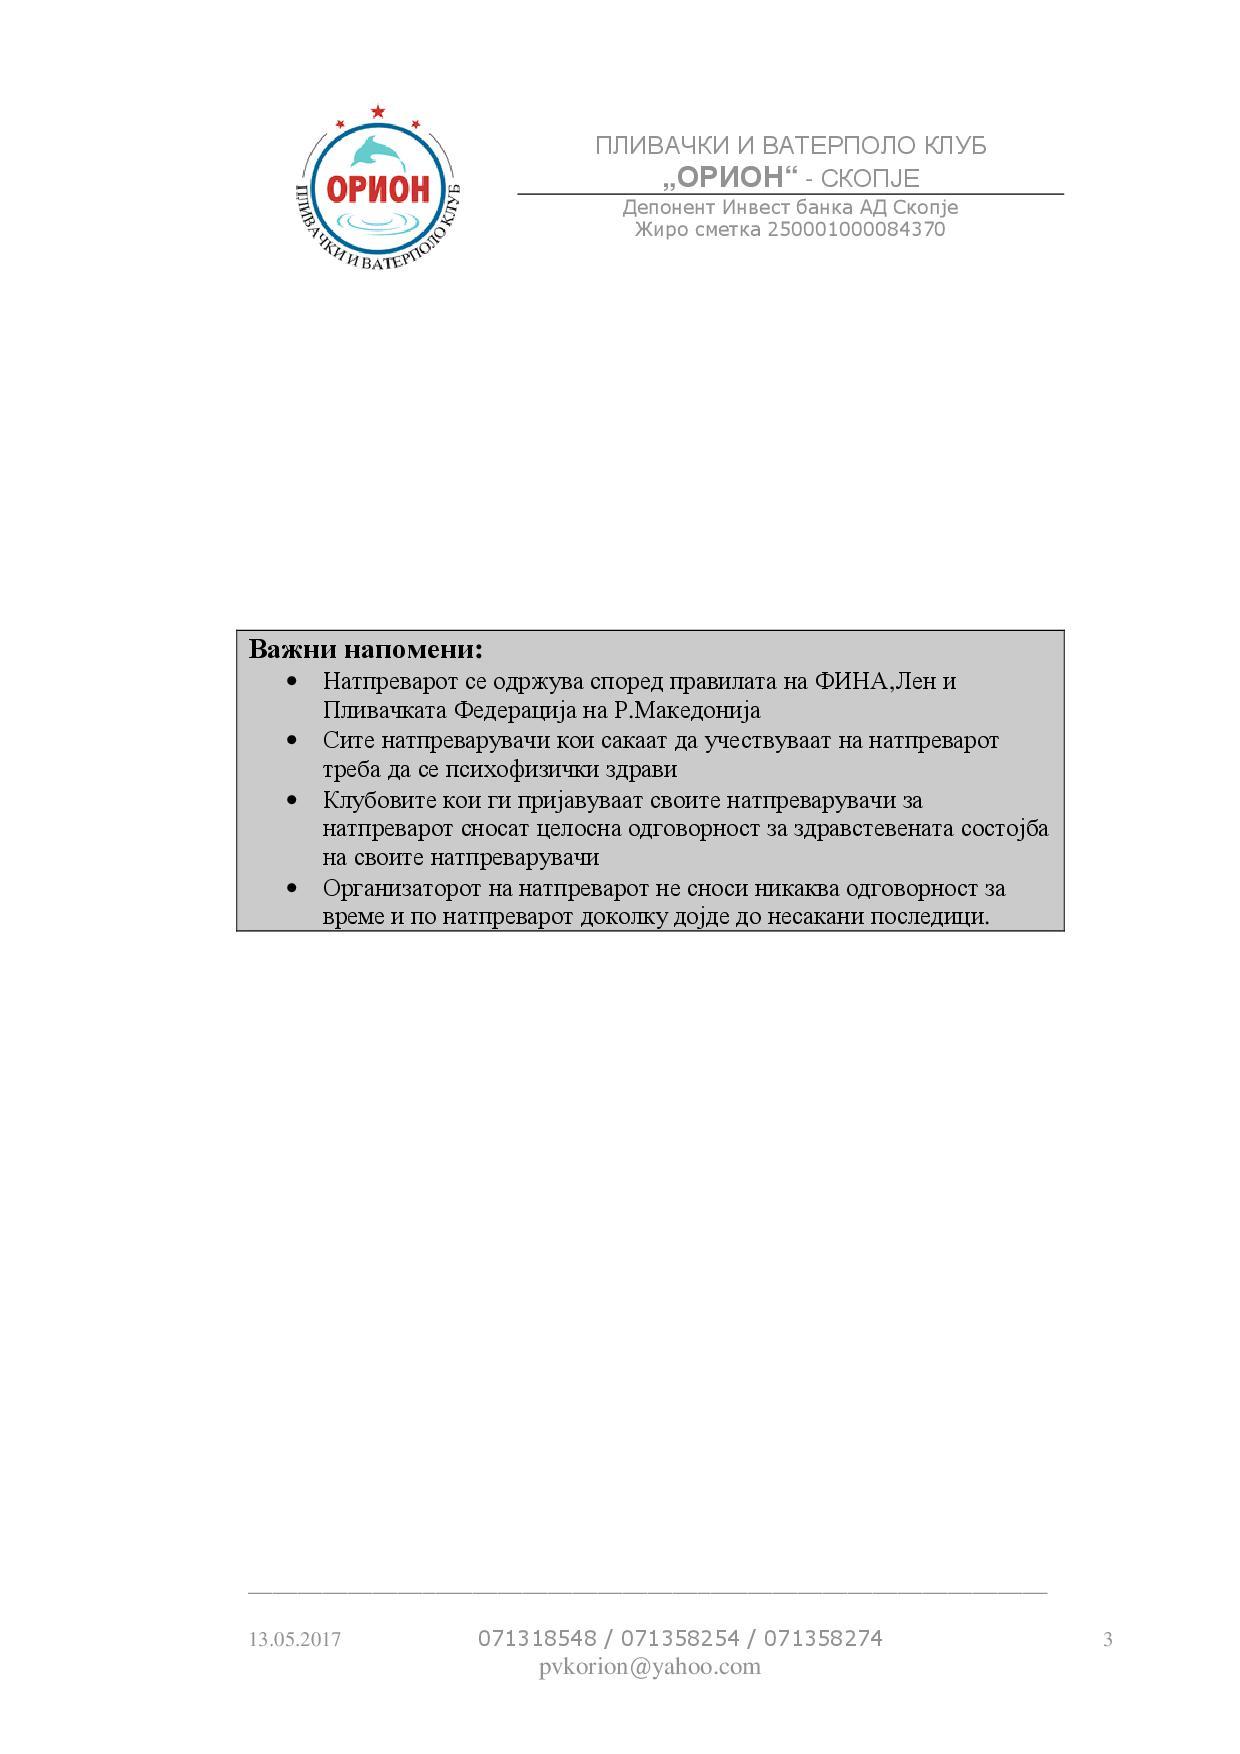 Оригиналне пропозиције организатора, страна 3